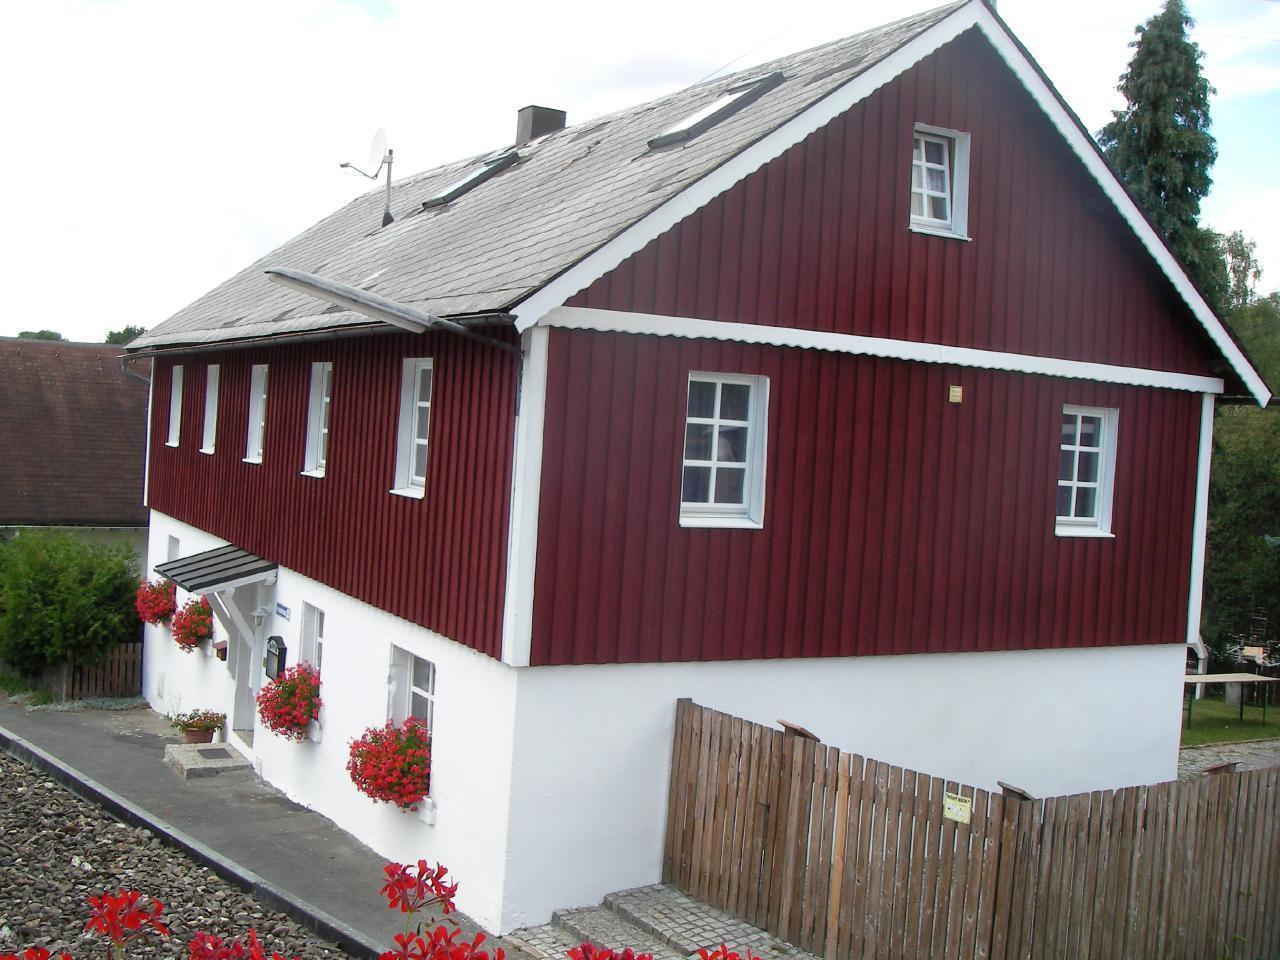 Ferienwohnung Haus Hilde Wohnung 2 (993407), Presseck, Frankenwald, Bayern, Deutschland, Bild 4